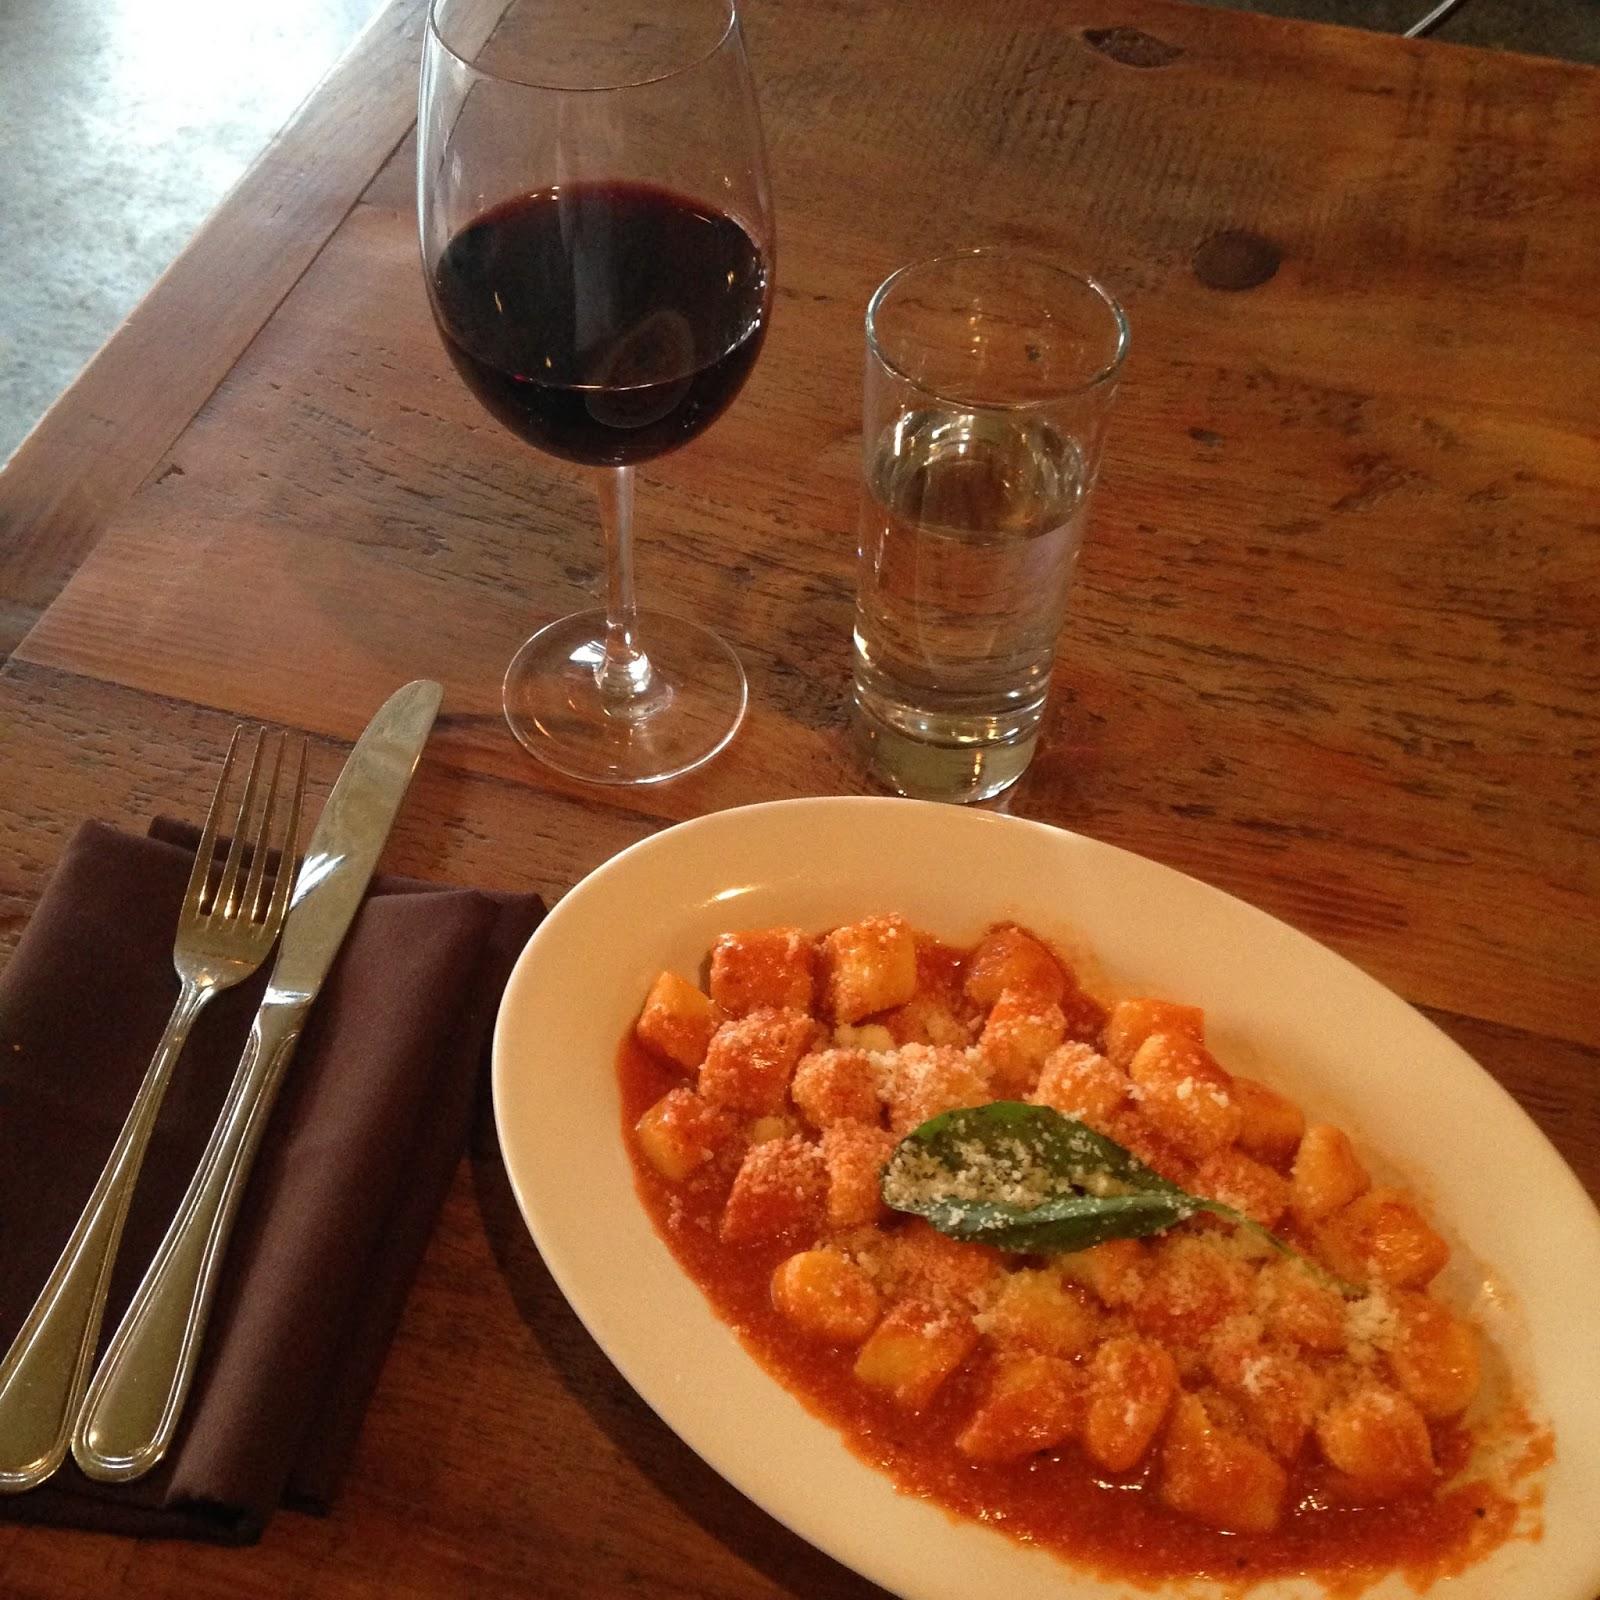 Gnocchi sem glutén, com manjericão e um vinho =)